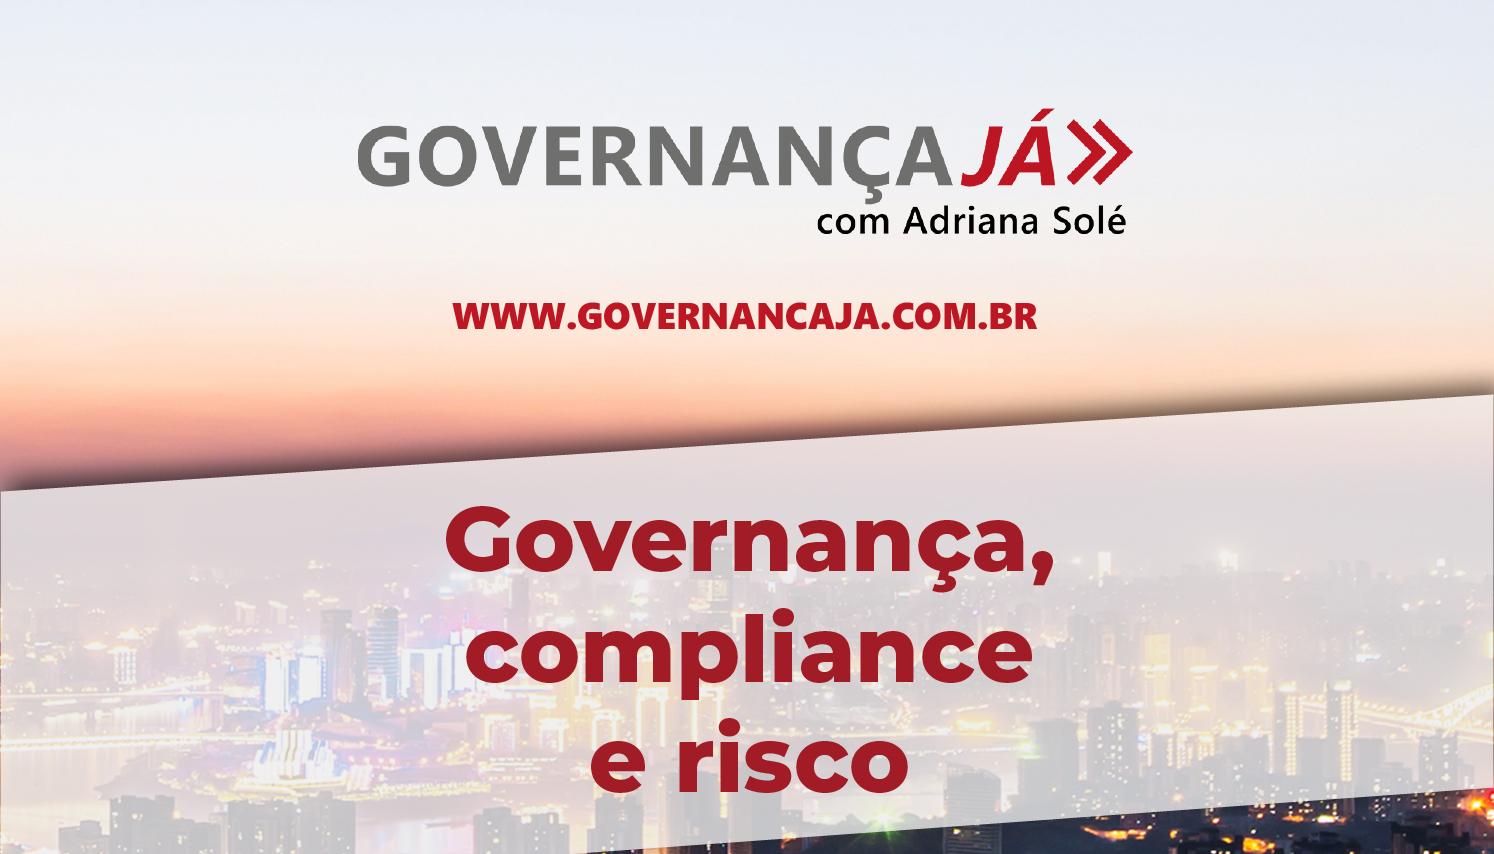 Governança, compliance e risco